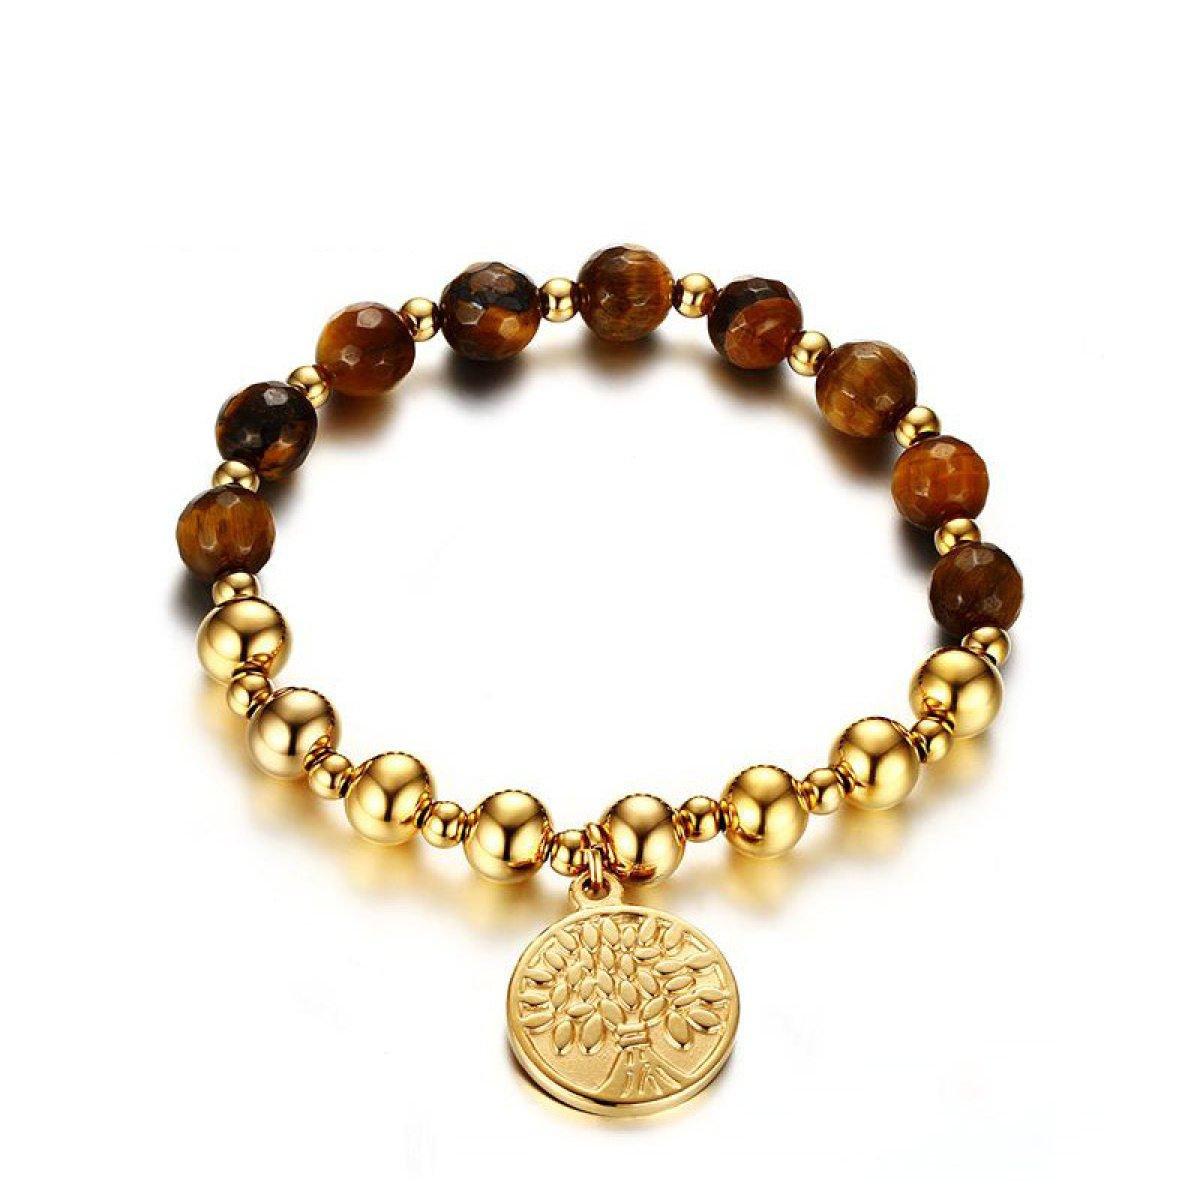 WenL Inossidabile Delle Donne Dell'albero Di Vita Tag Gold Bracelet